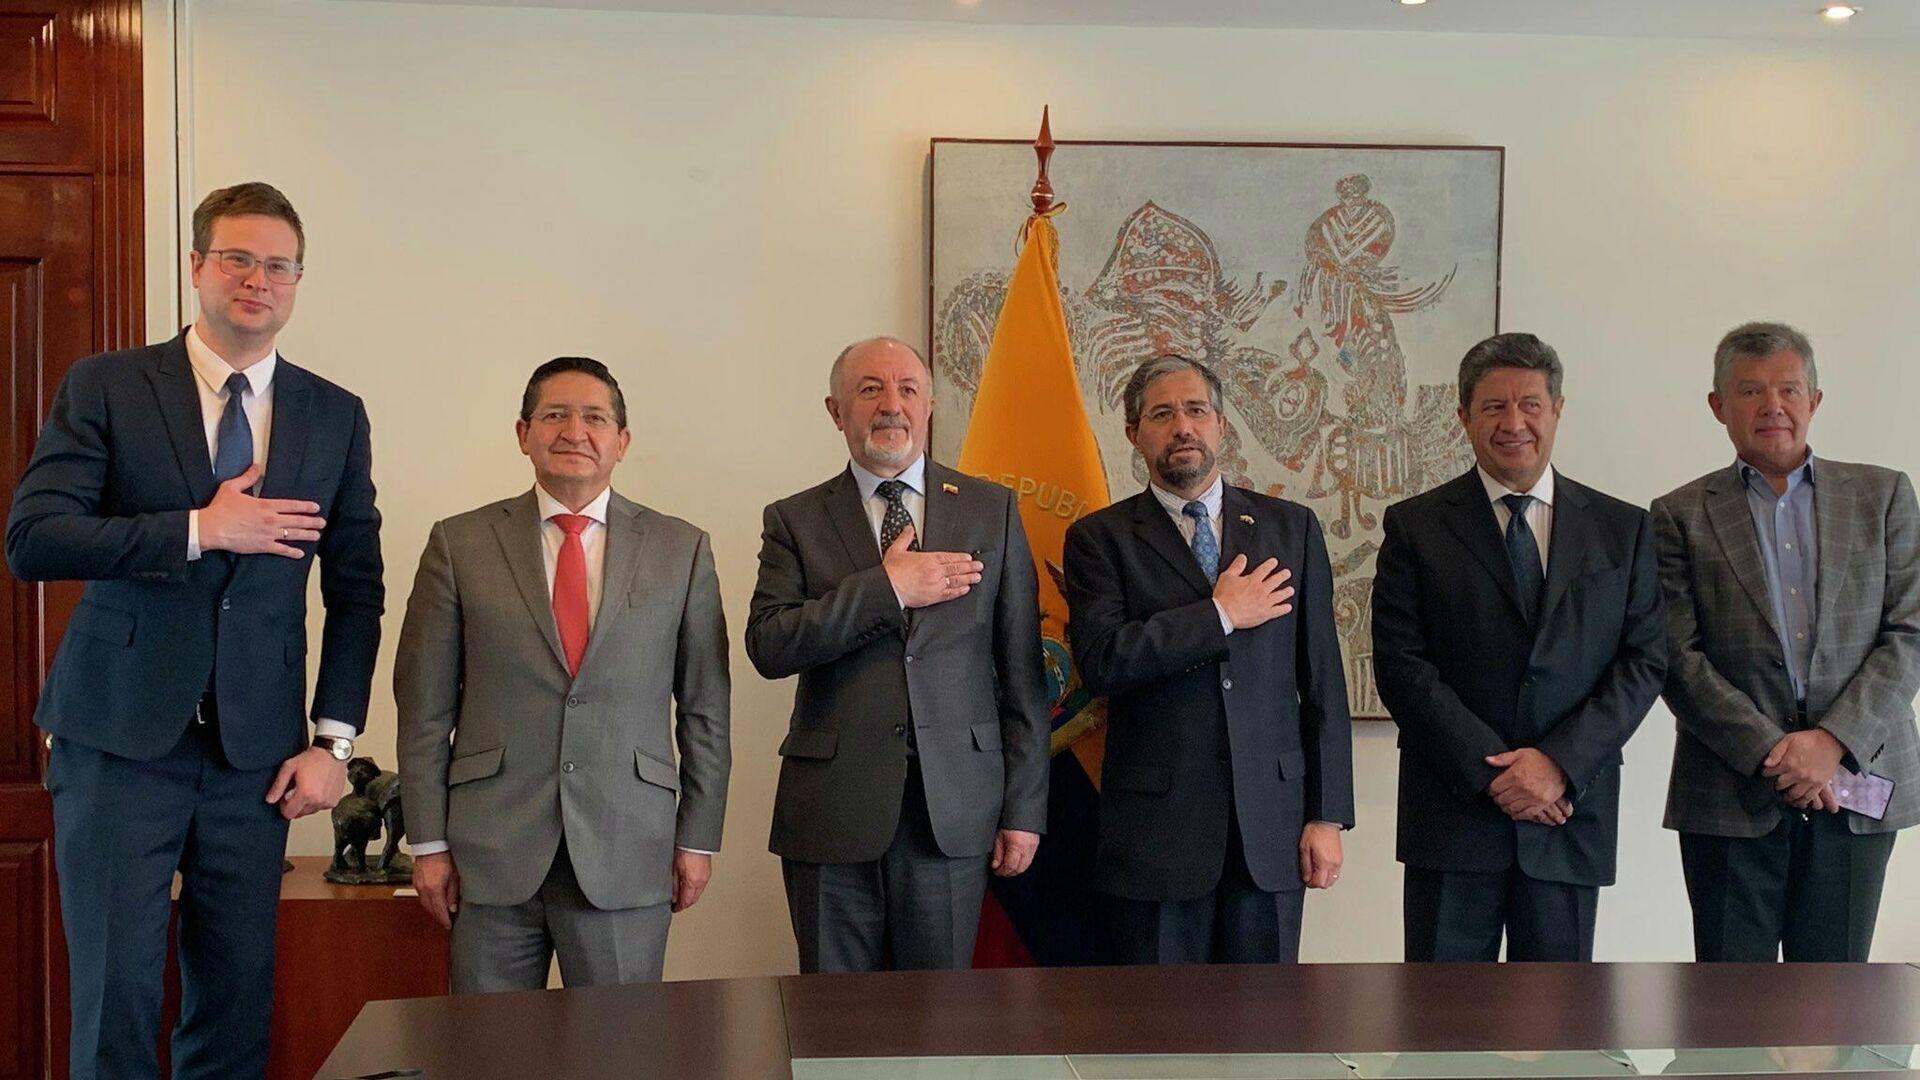 Al centro, embajador ruso en Quito, Vladimir Sprinchan, junto a Mauricio Montalvo, canciller de Ecuador - Sputnik Mundo, 1920, 05.07.2021